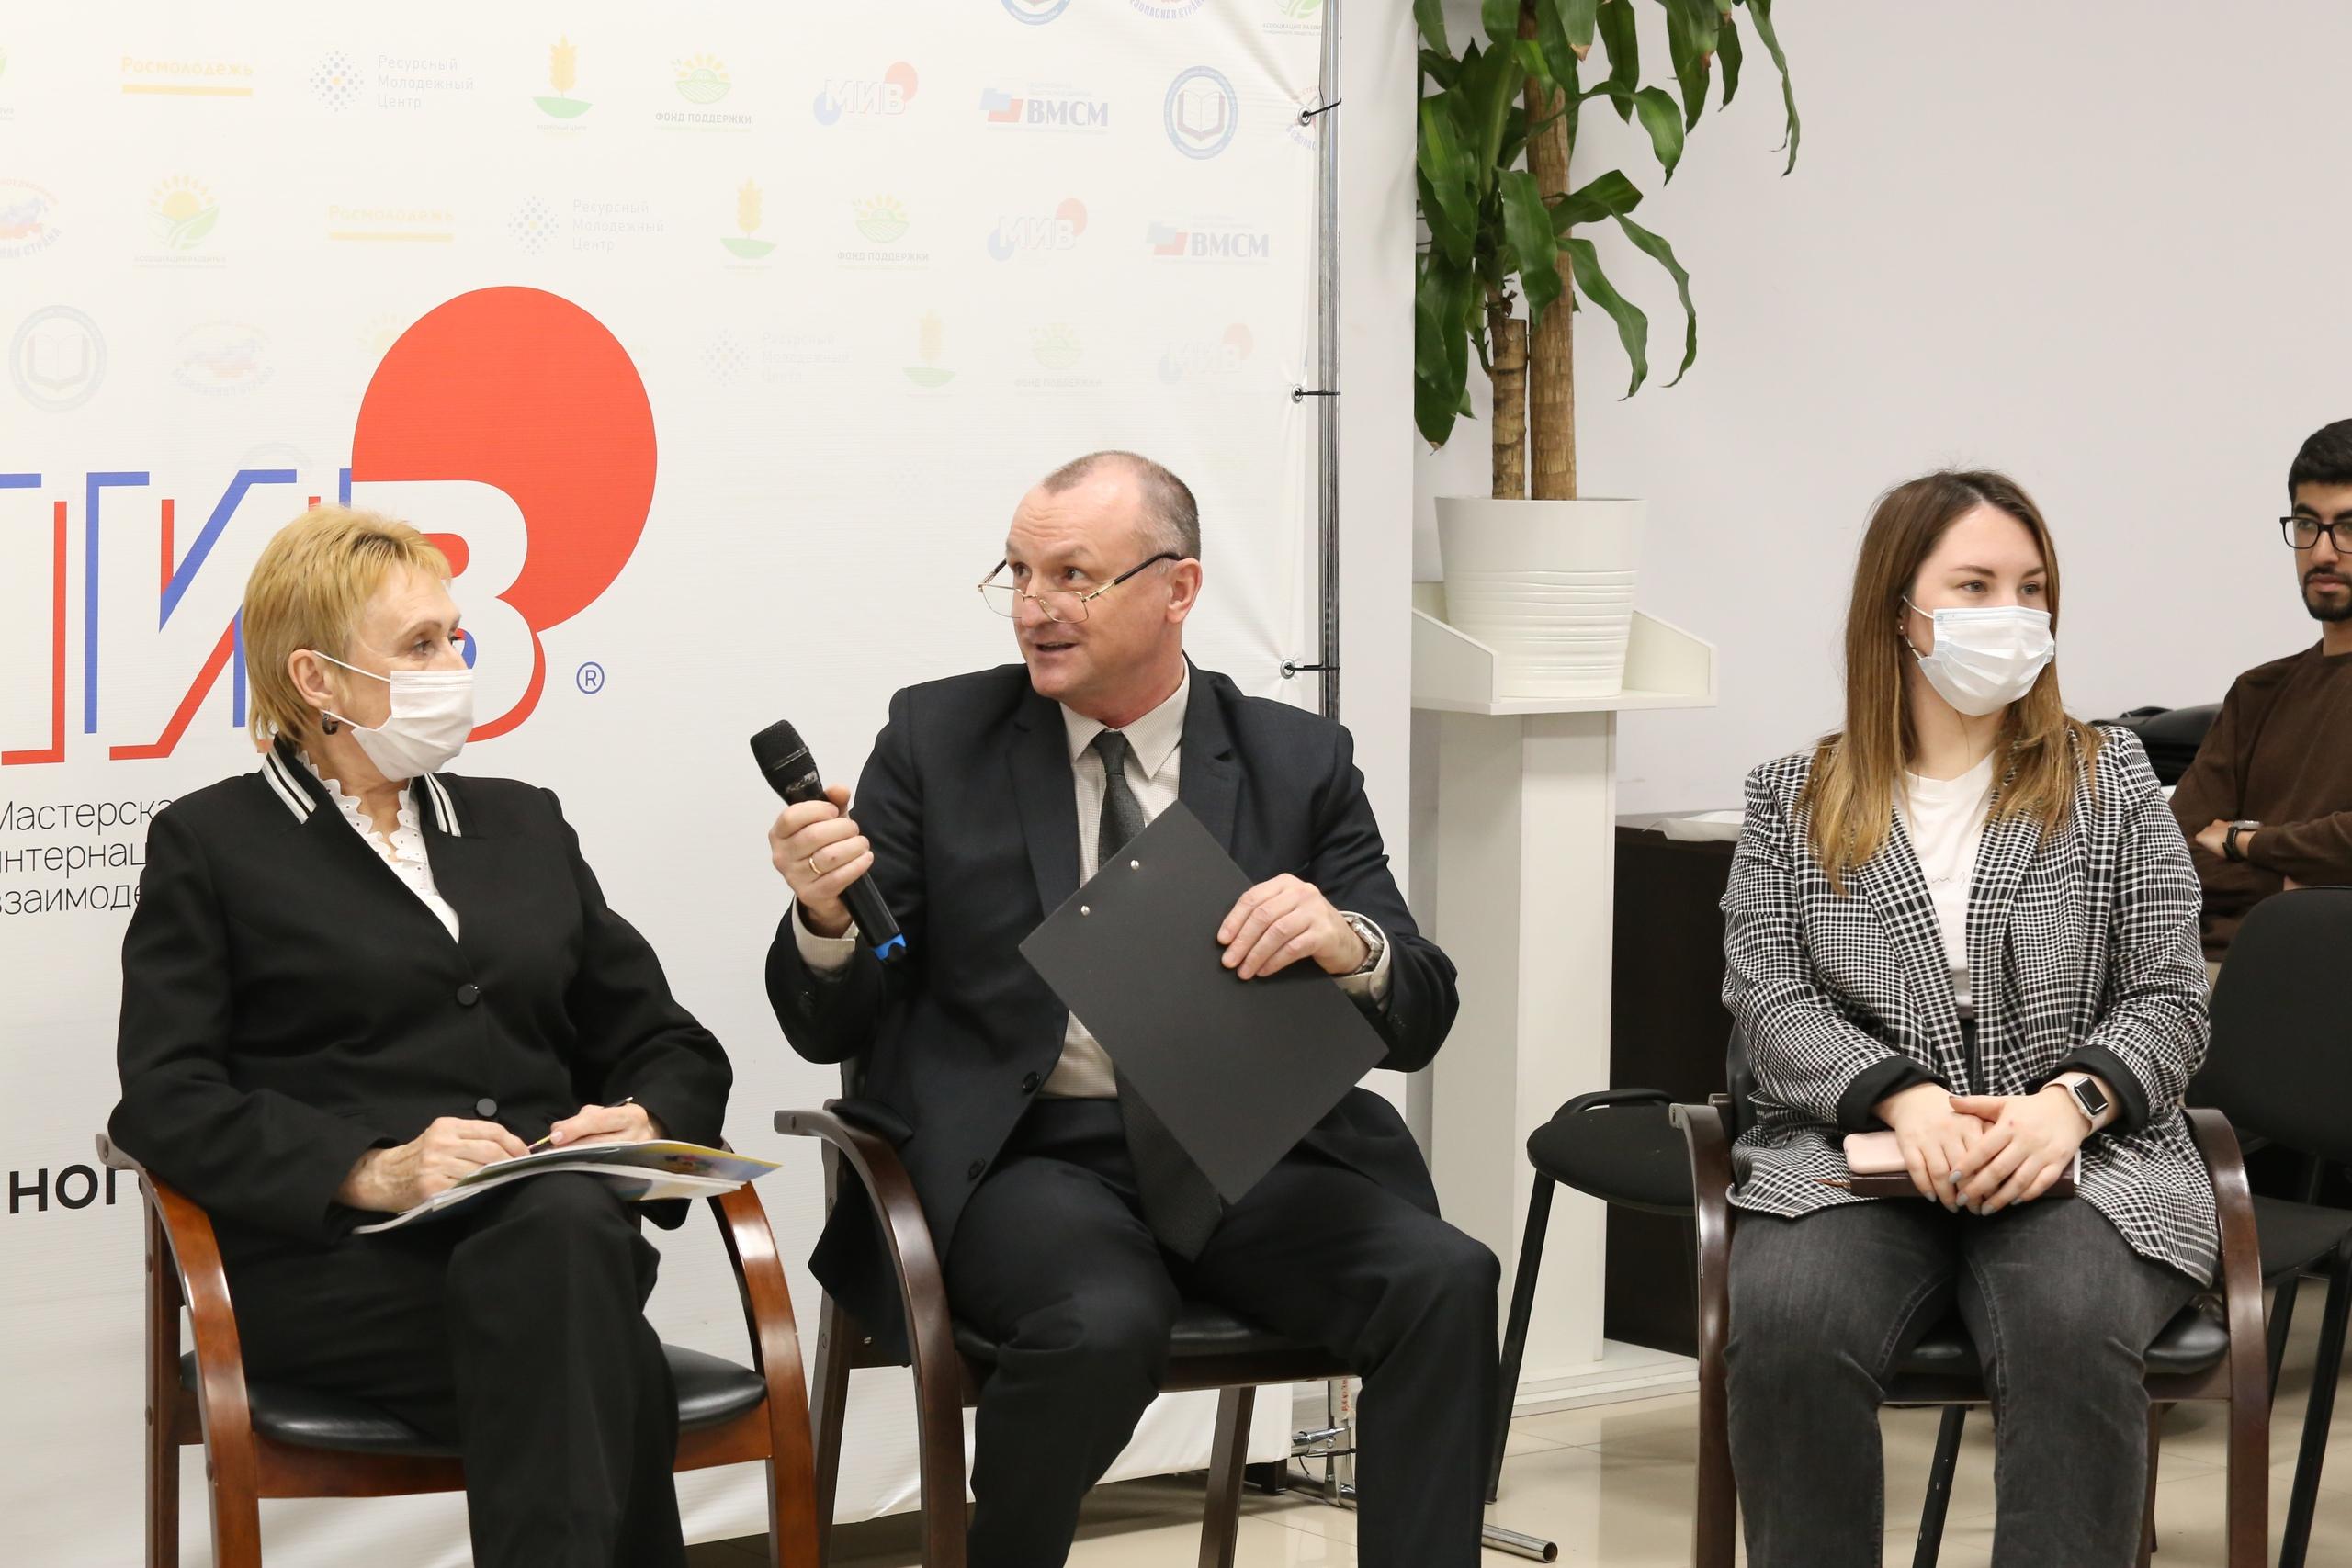 Образовательный курс «Школа интернационального взаимодействия» пройдёт в Краснодаре с 24 по 28 марта